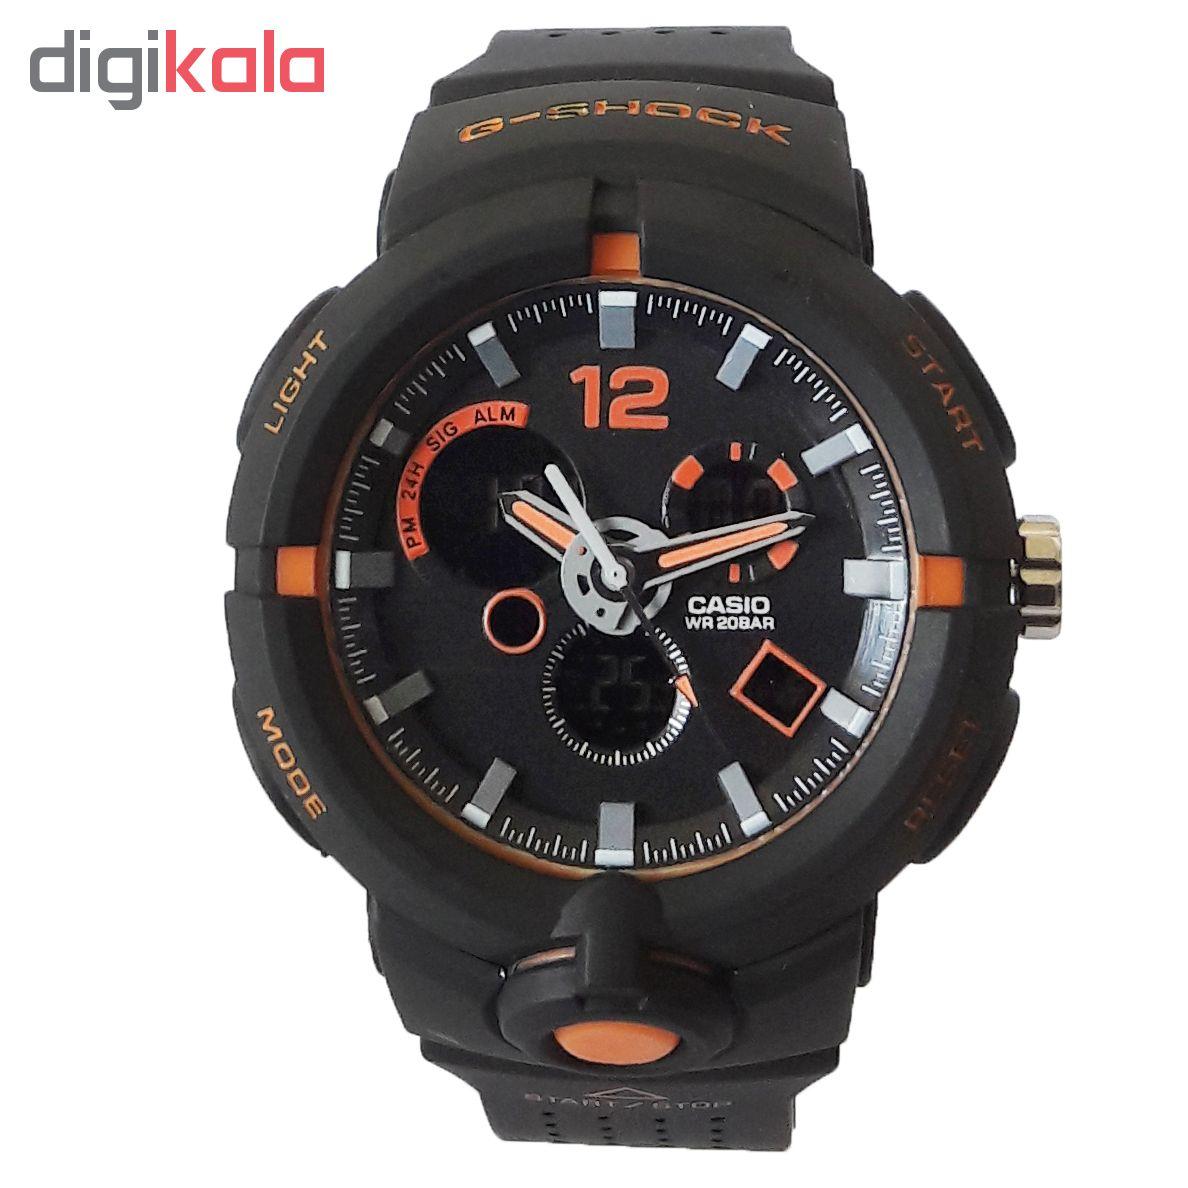 خرید ساعت مچی دیجیتال مردانه مدل G-SH 1133 / ME-NAR